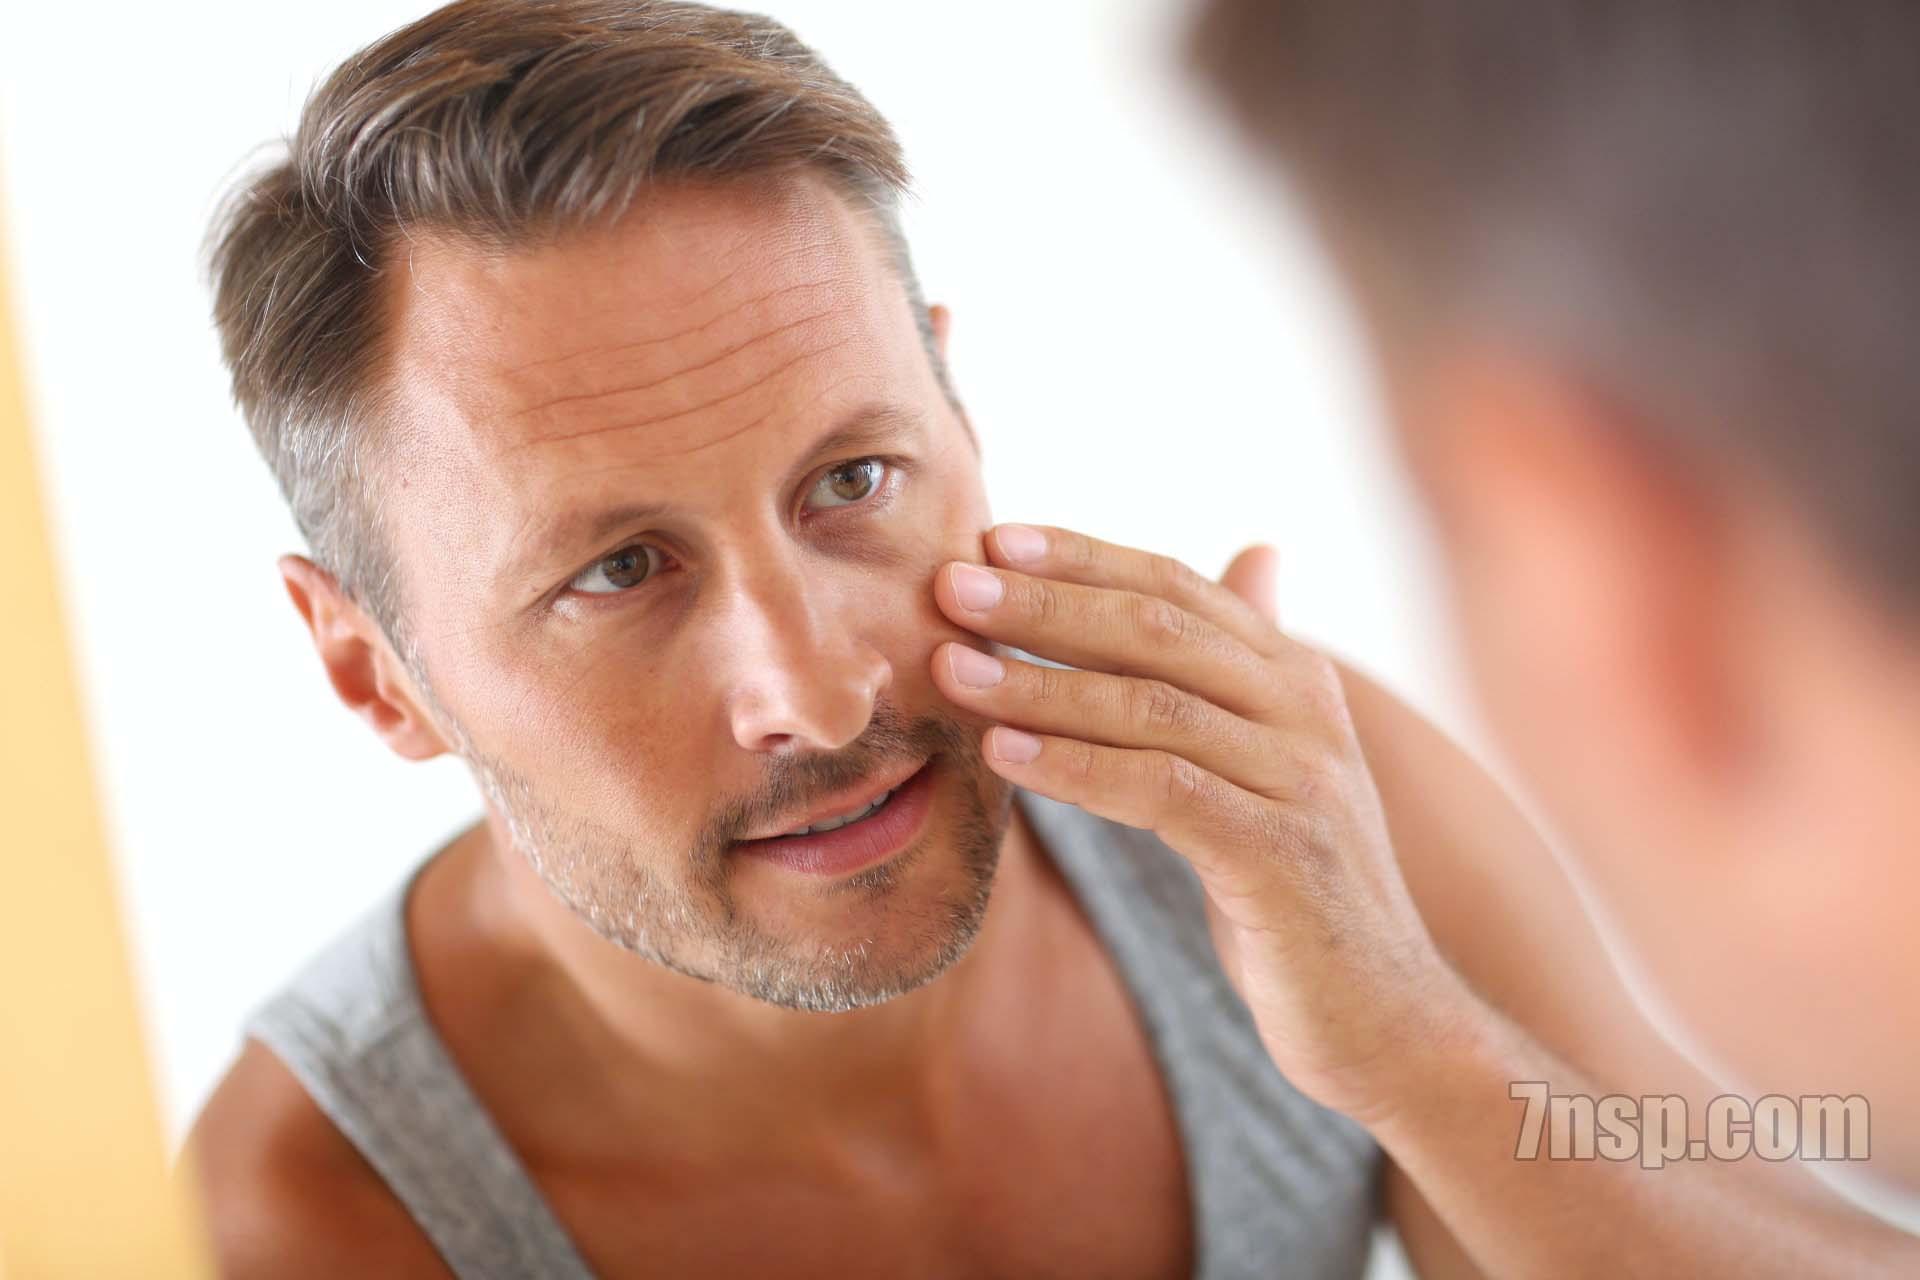 Натуральная мужская сетевая косметика от NSP (США) - кремы, гели для и после бритья, гель для душа для мужчин